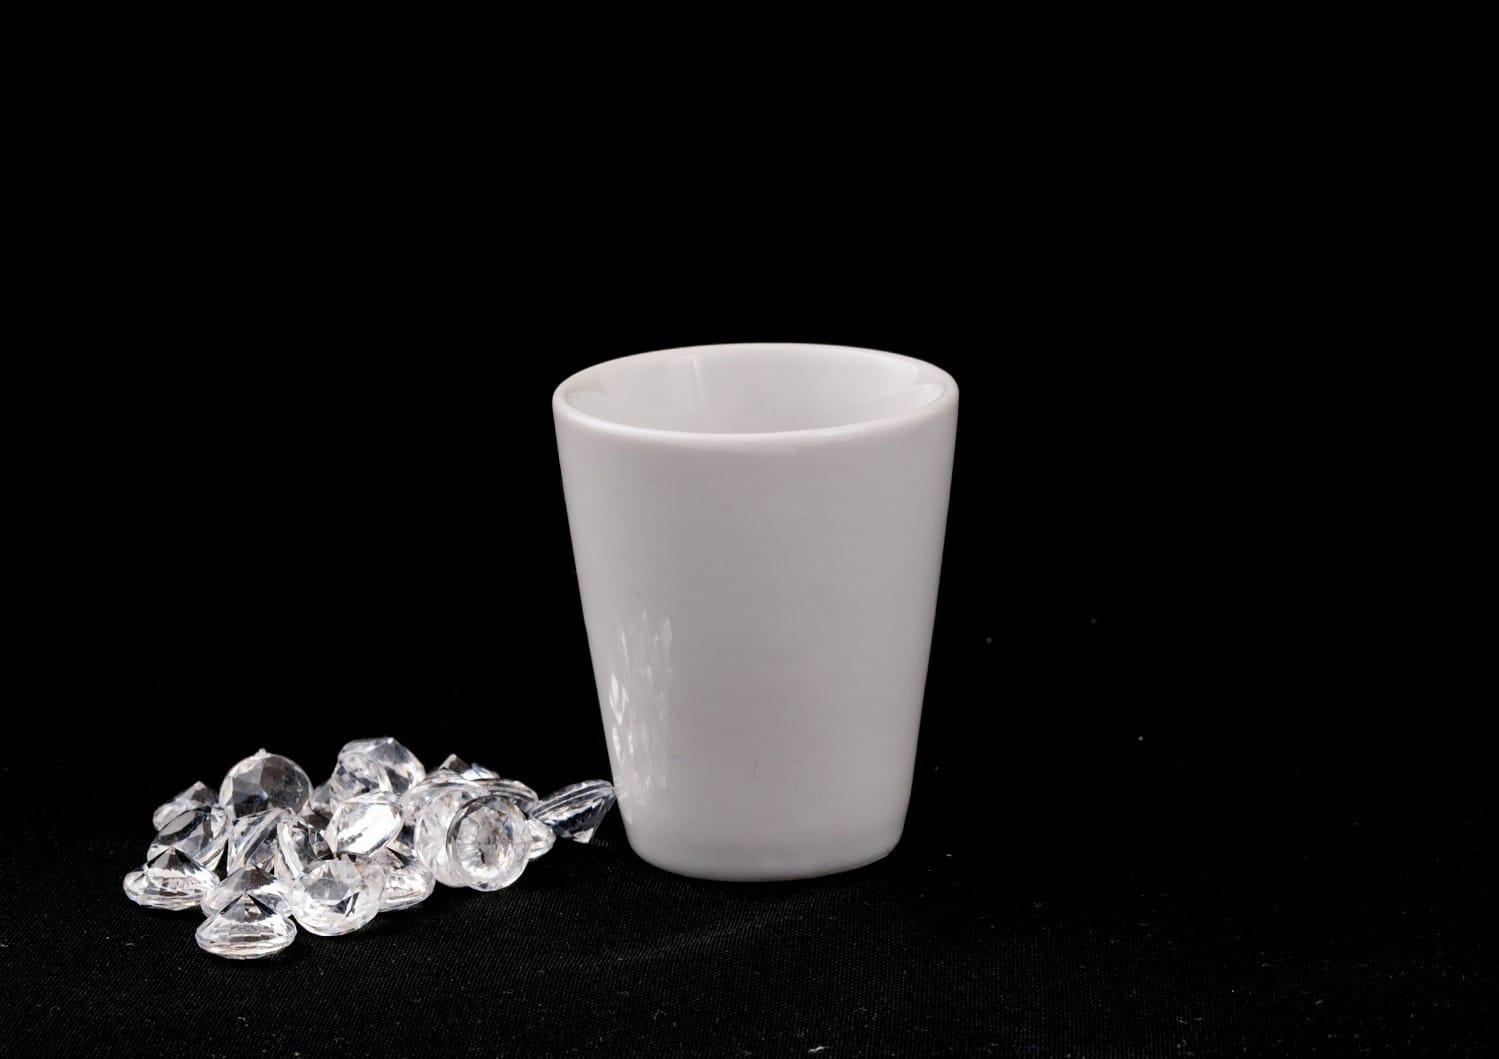 Chupito porcelana Blanca chato mus